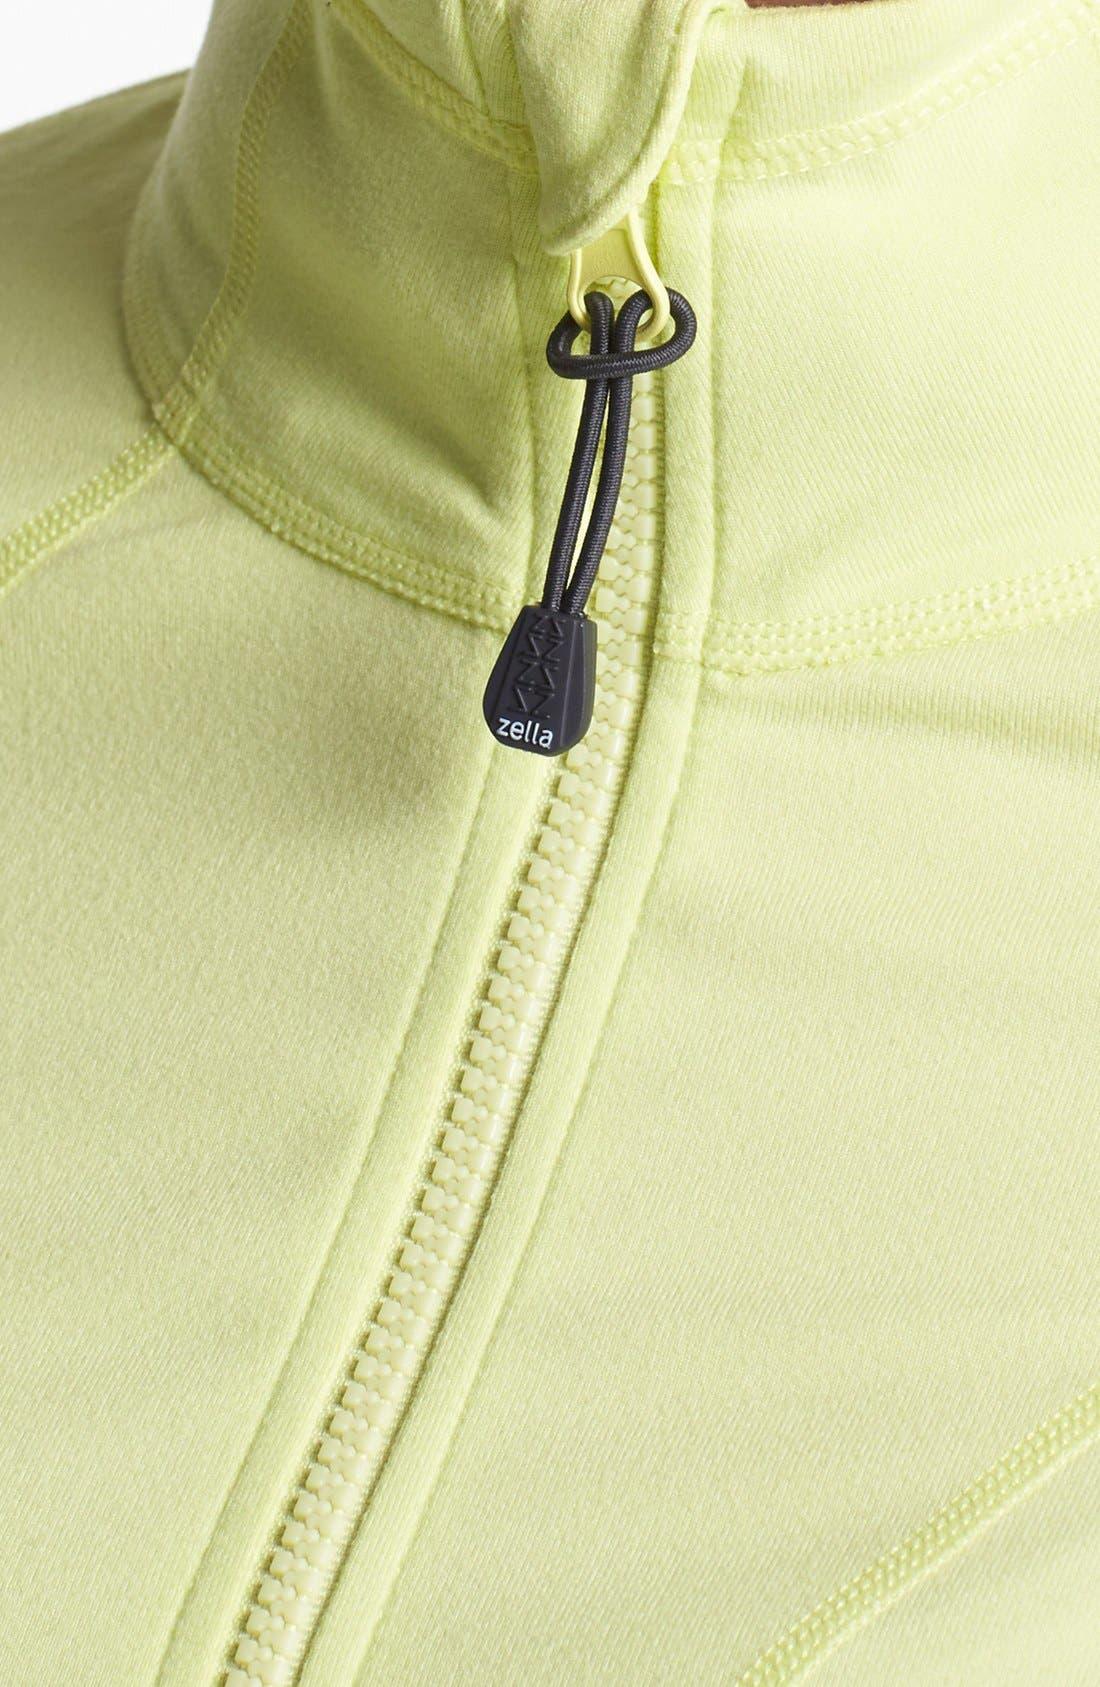 Alternate Image 3  - Zella 'Amour' Jacket